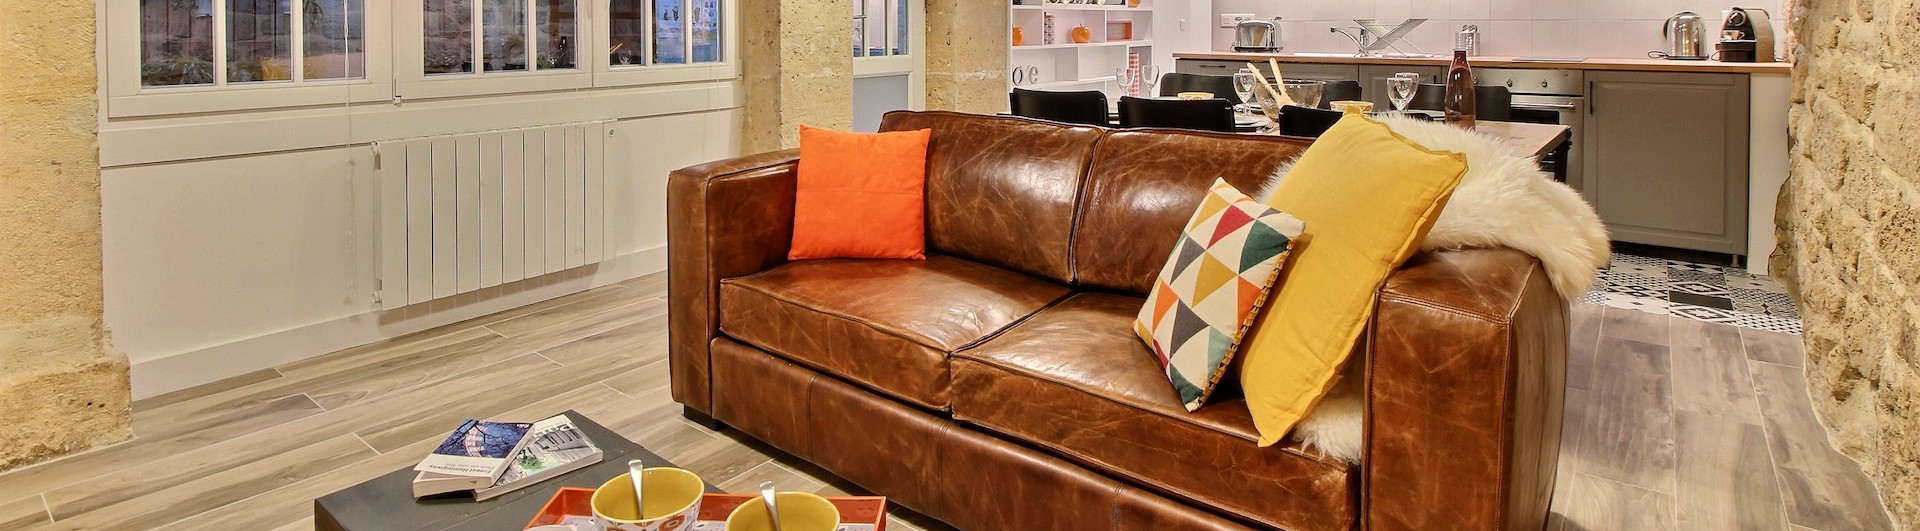 5 astuces pour rendre votre meublé plus attractif que les autres